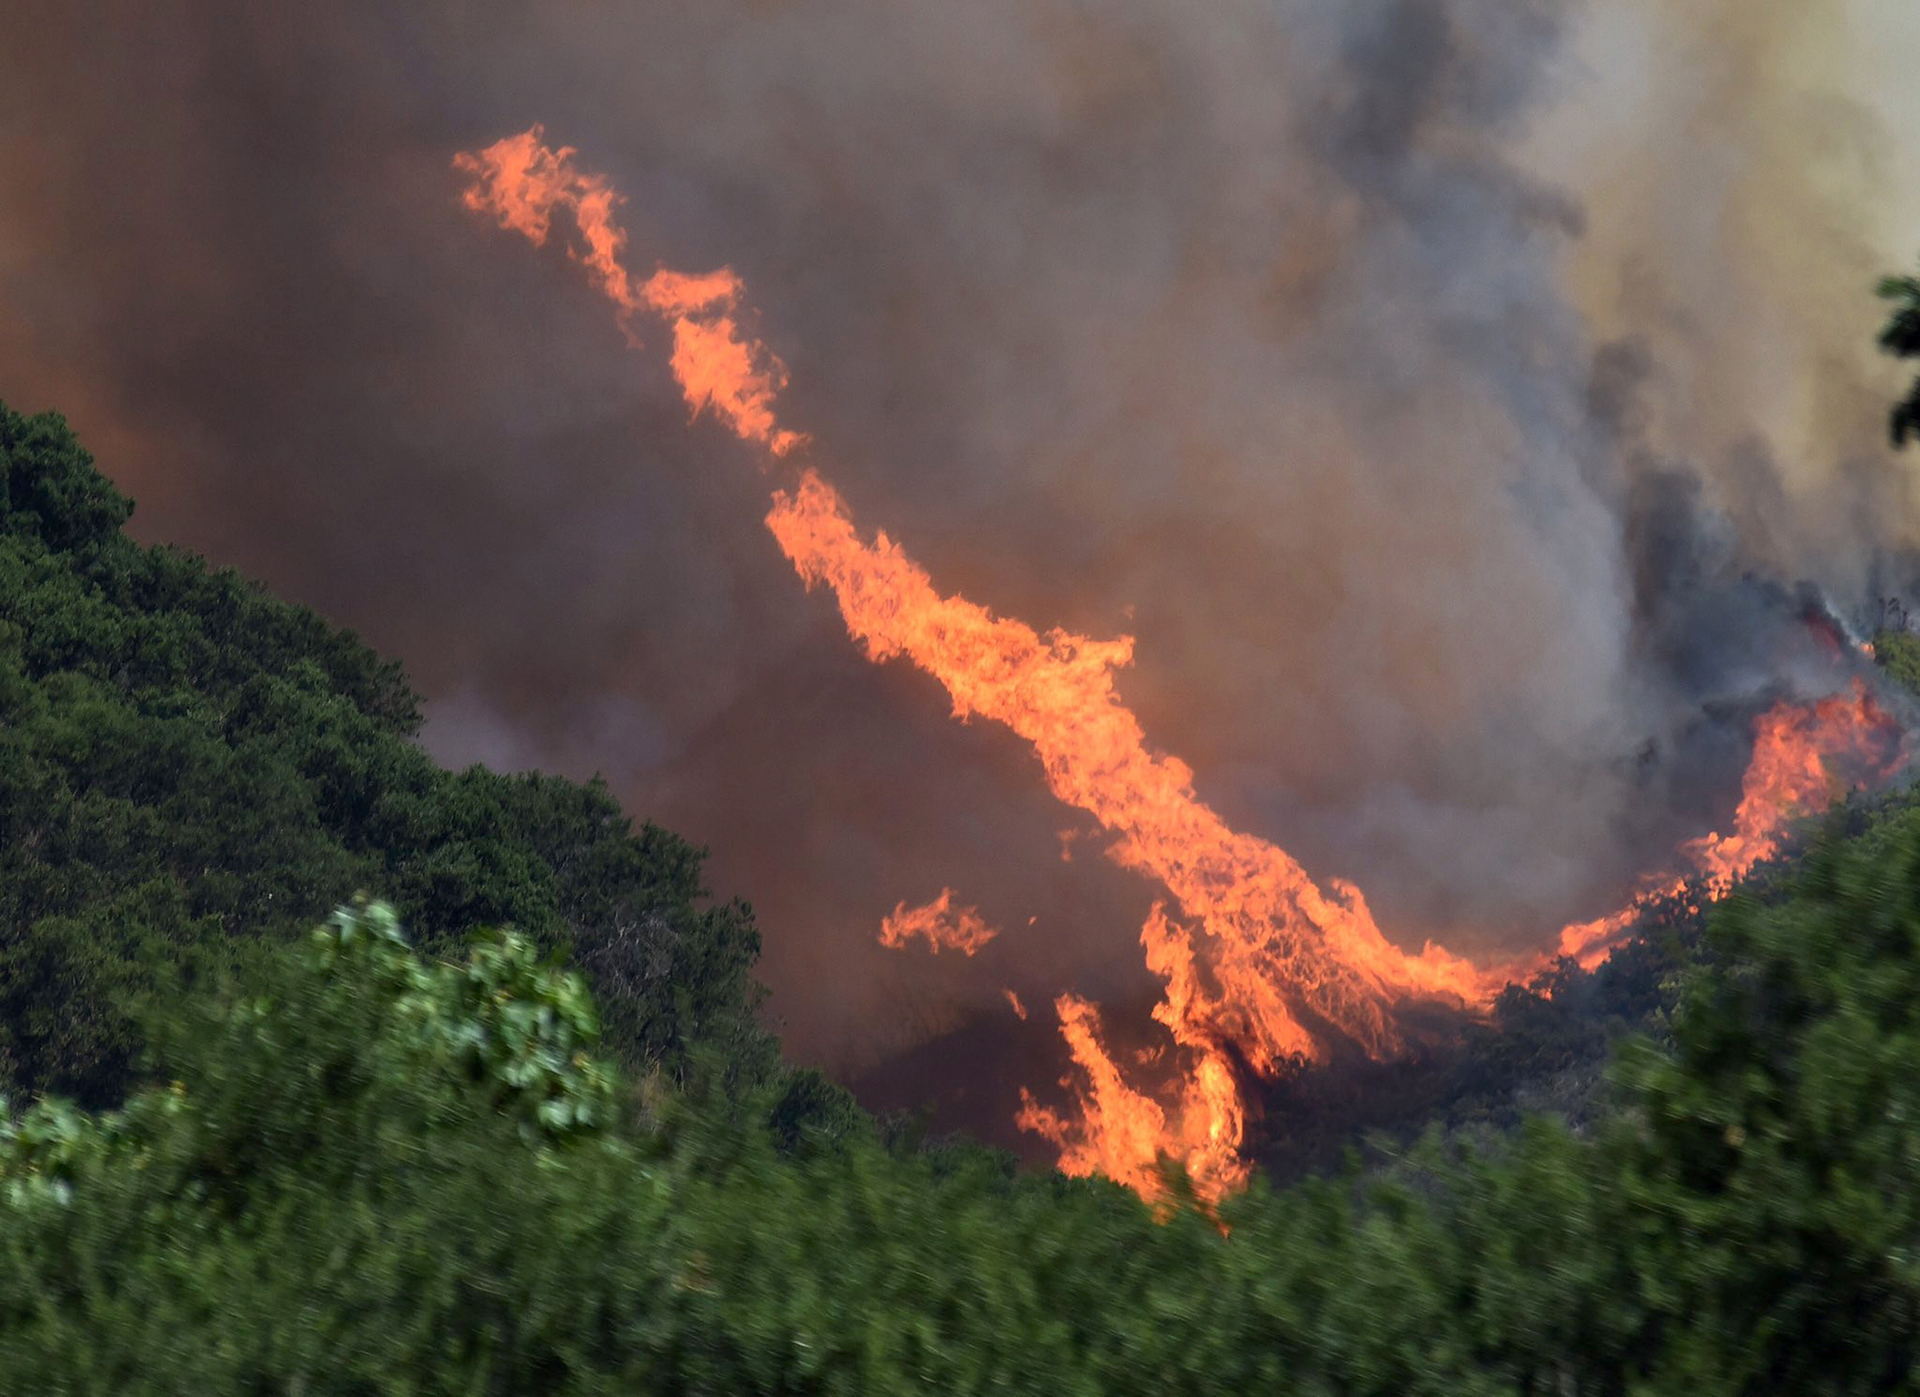 Son más de una docena los incendios forestales que se han desatado en California